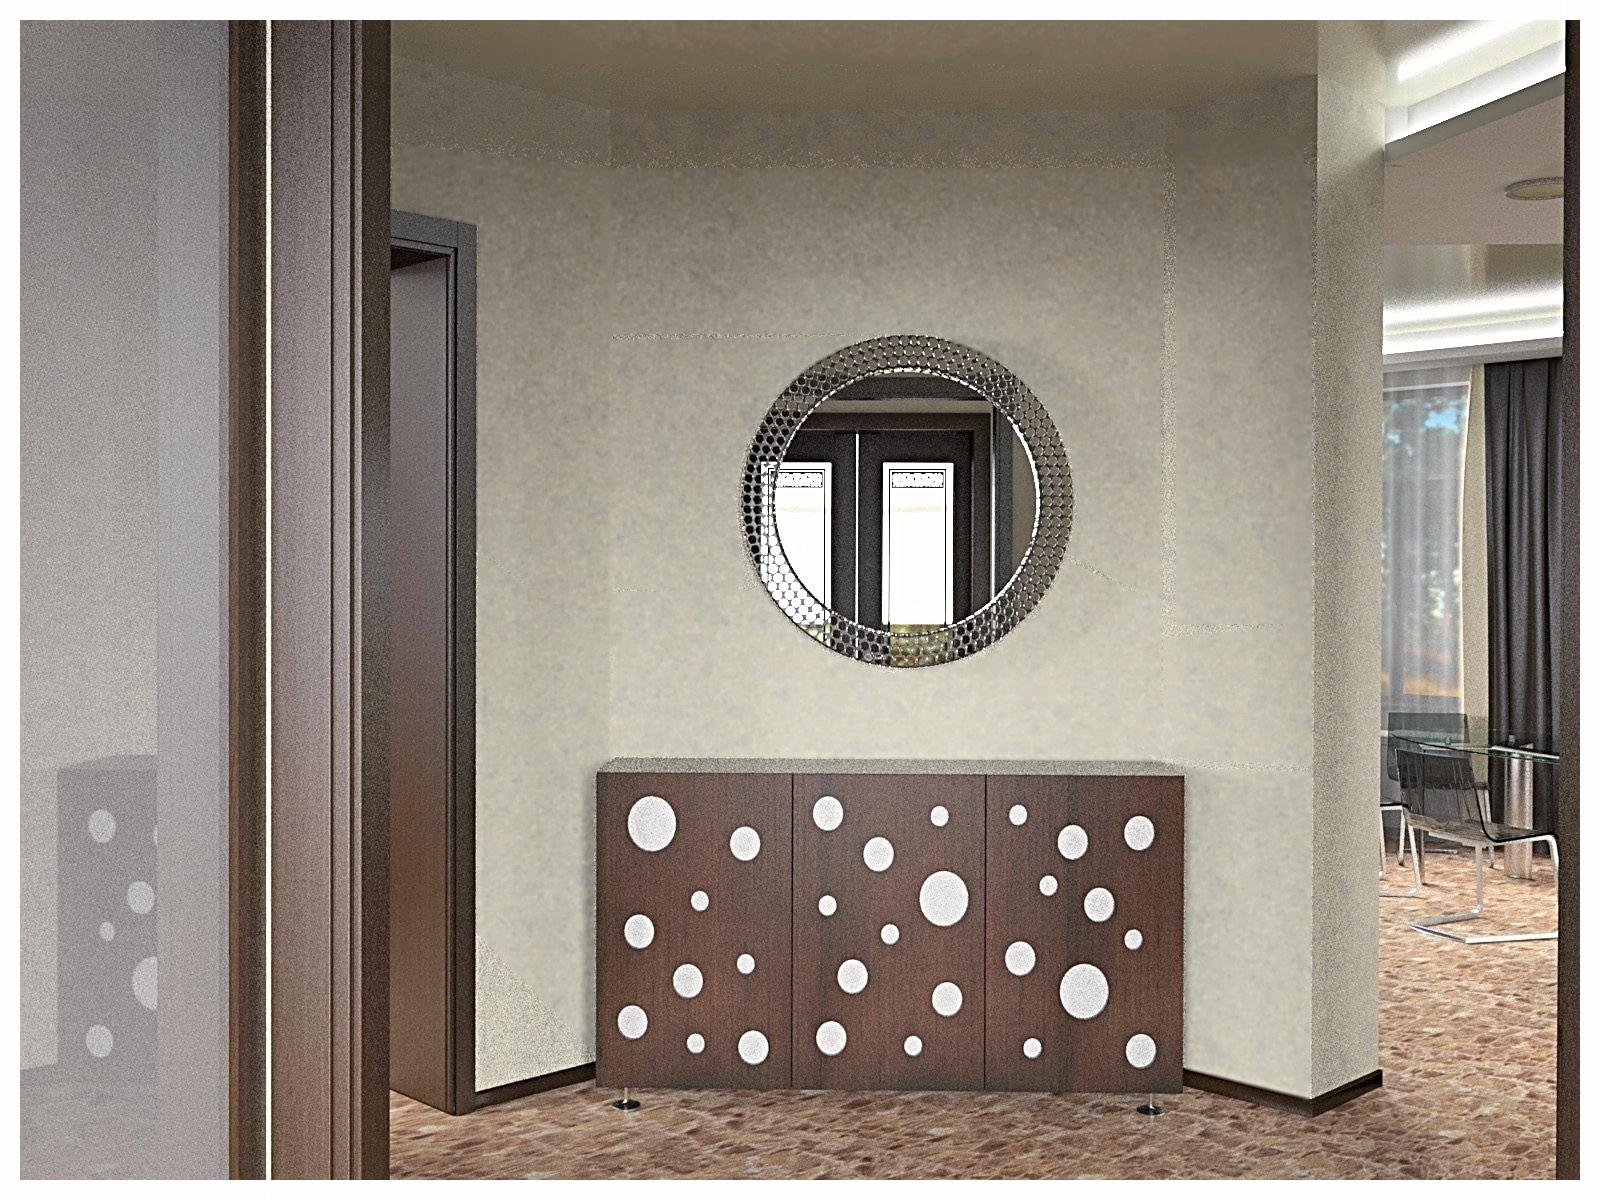 Дизайн интерьеров дома. Холл первого этажа 1.